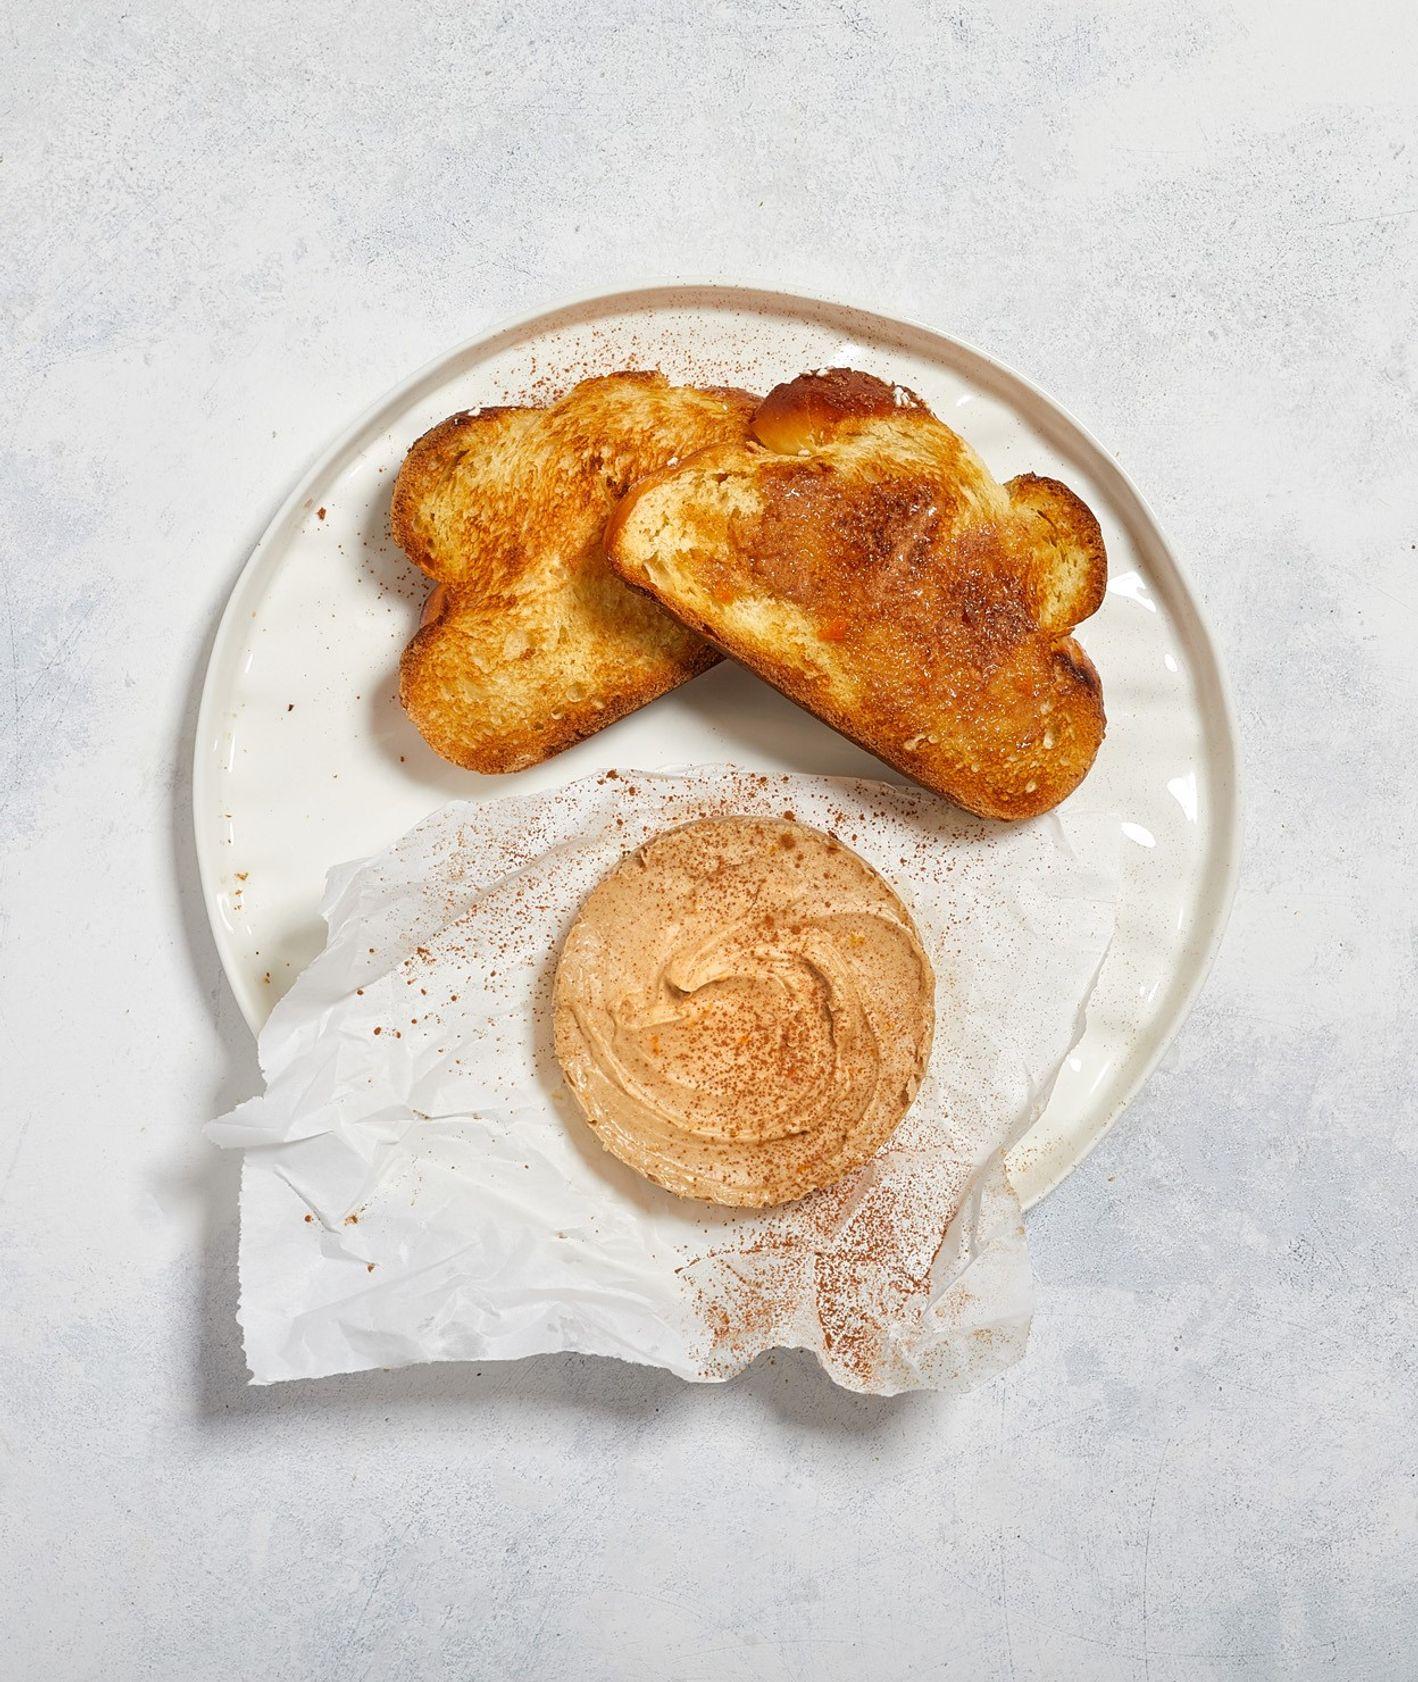 Słodkie masło cynamonowe z dodatkiem miodu i skórki z pomarańczy podane na zgrillowanej kromce chałki